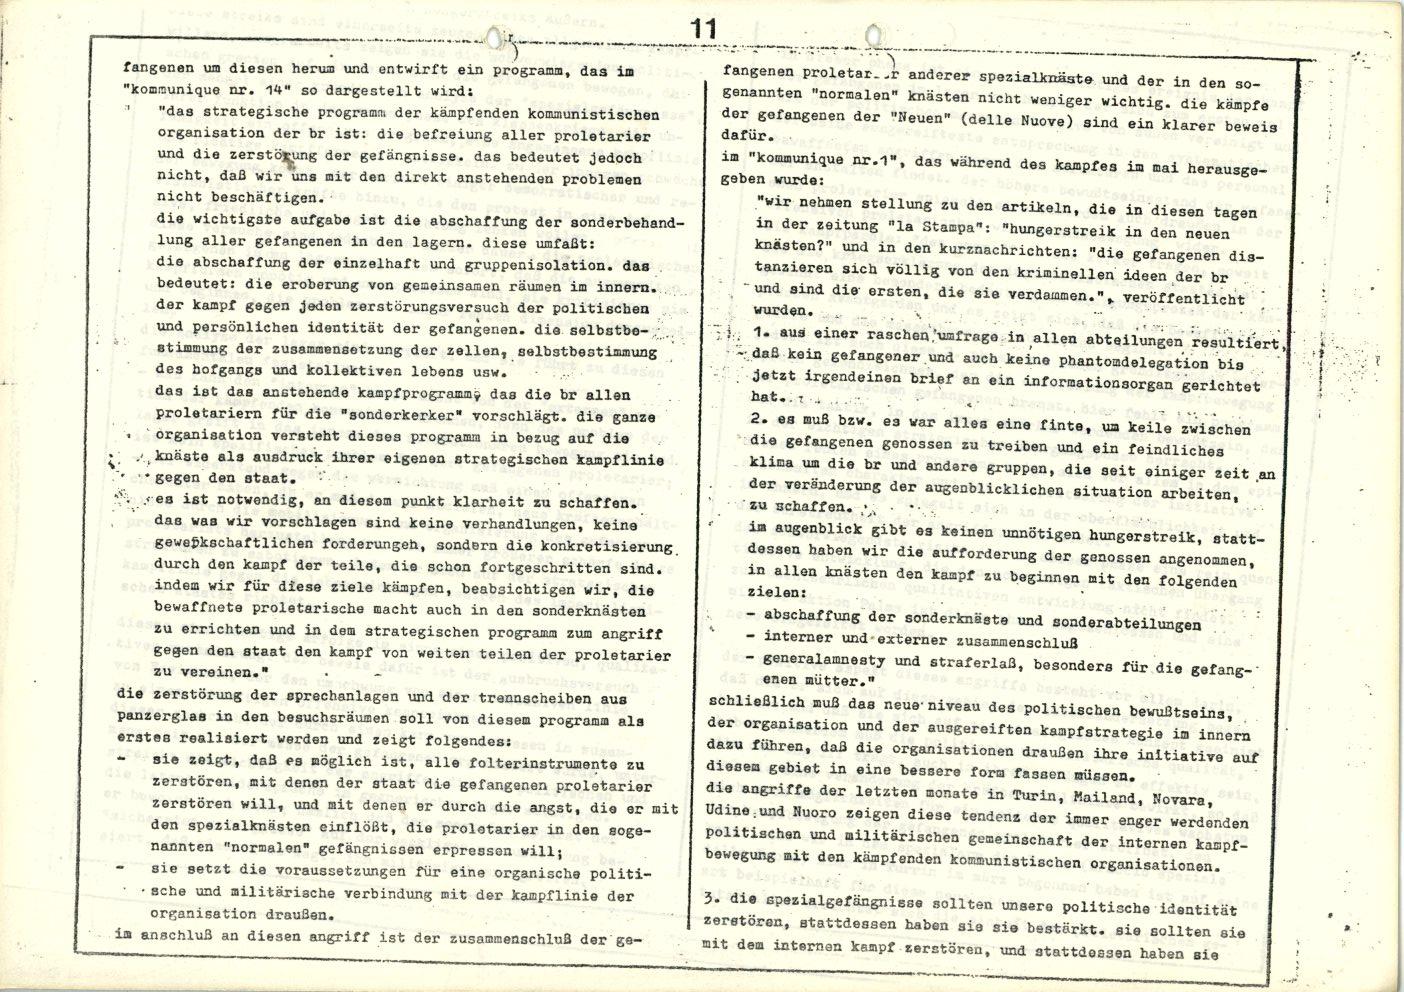 Italien_Brigate_Rosse_1982_Texte_1_26